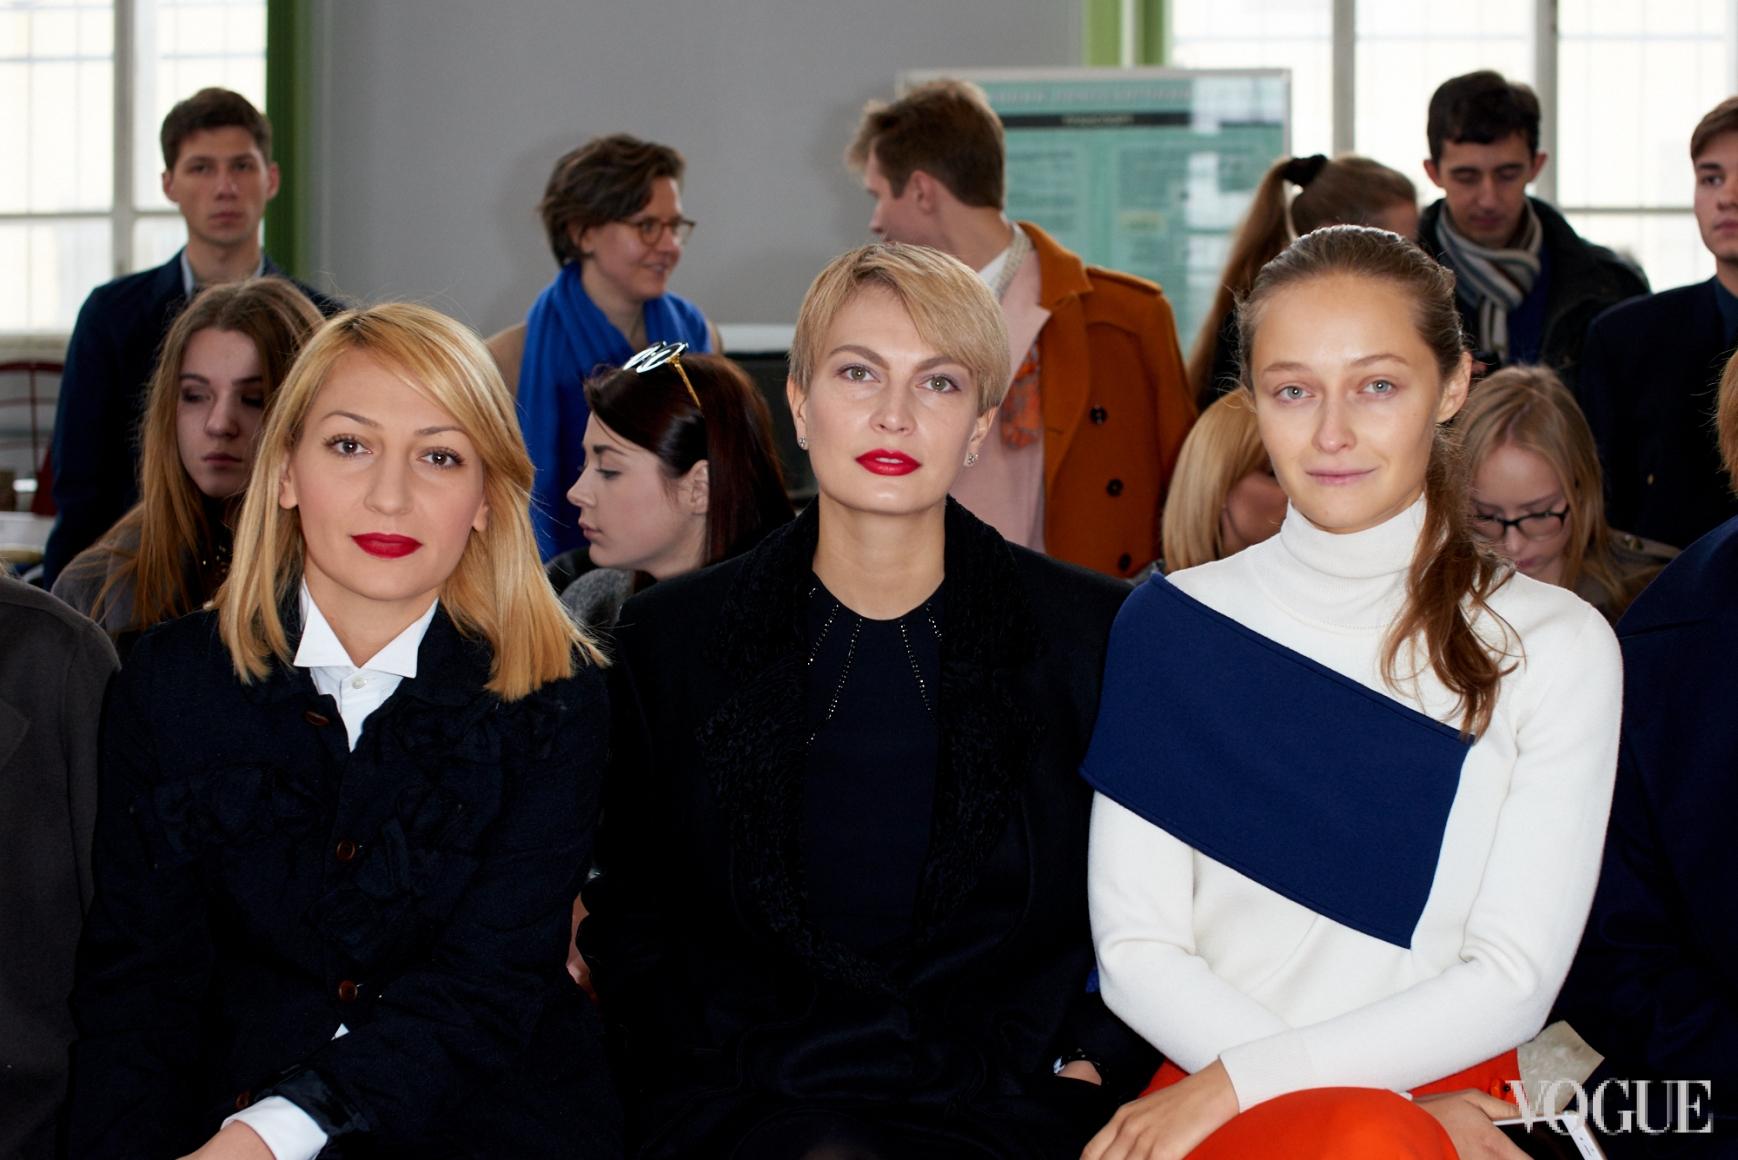 Ася Мхитарян, Маша Цуканова и Дарья Шаповалова